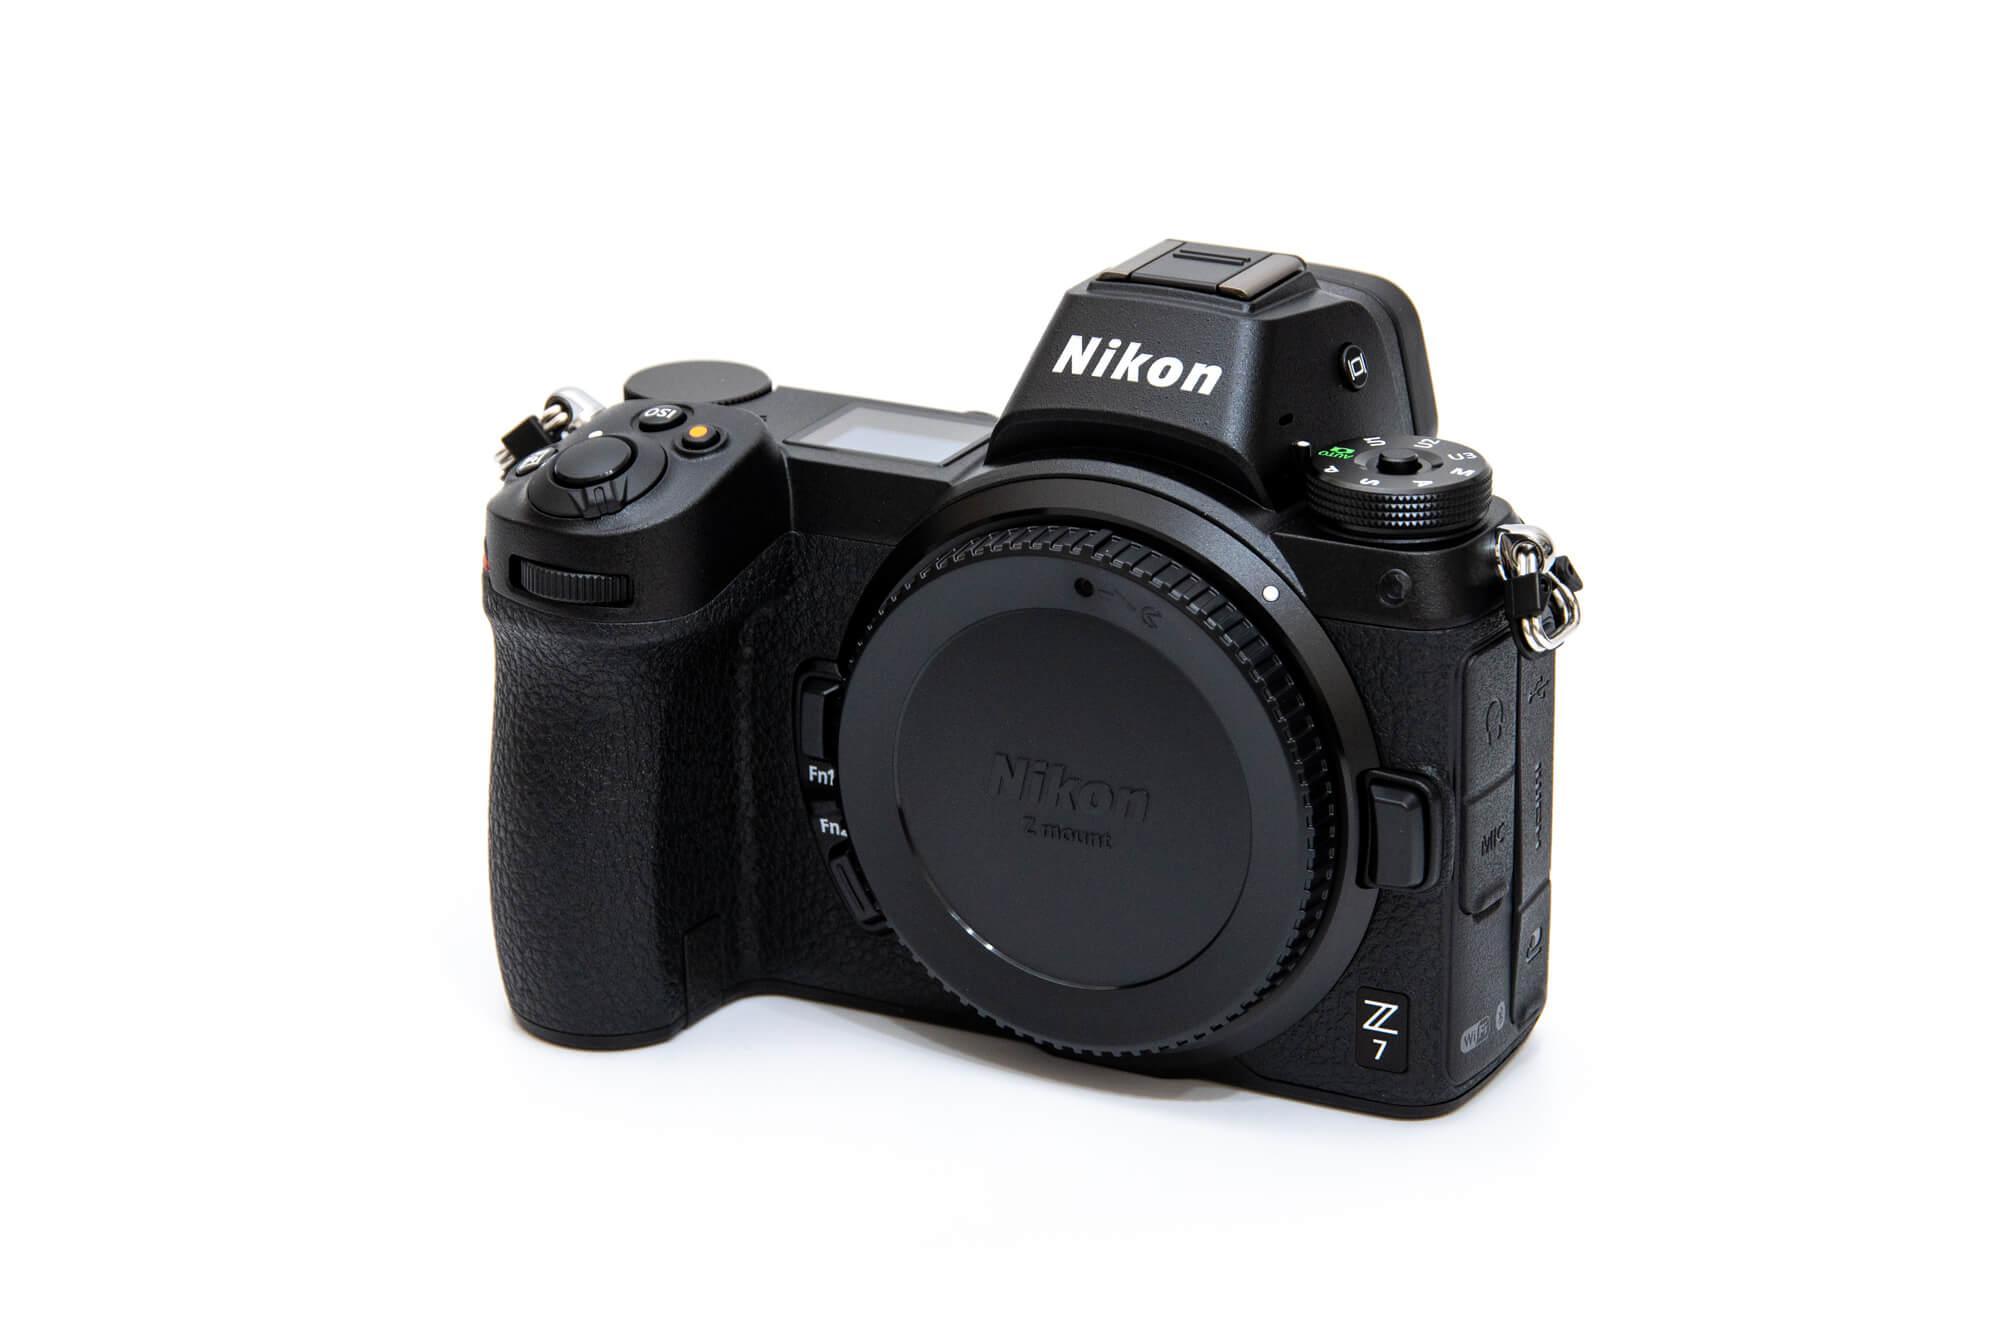 Nikon、Z 7とZ 6のファームウェアVer.3.00を公開。ターゲット追尾AFの操作性改善、犬と猫の顔認識AF・瞳認識AFに対応など